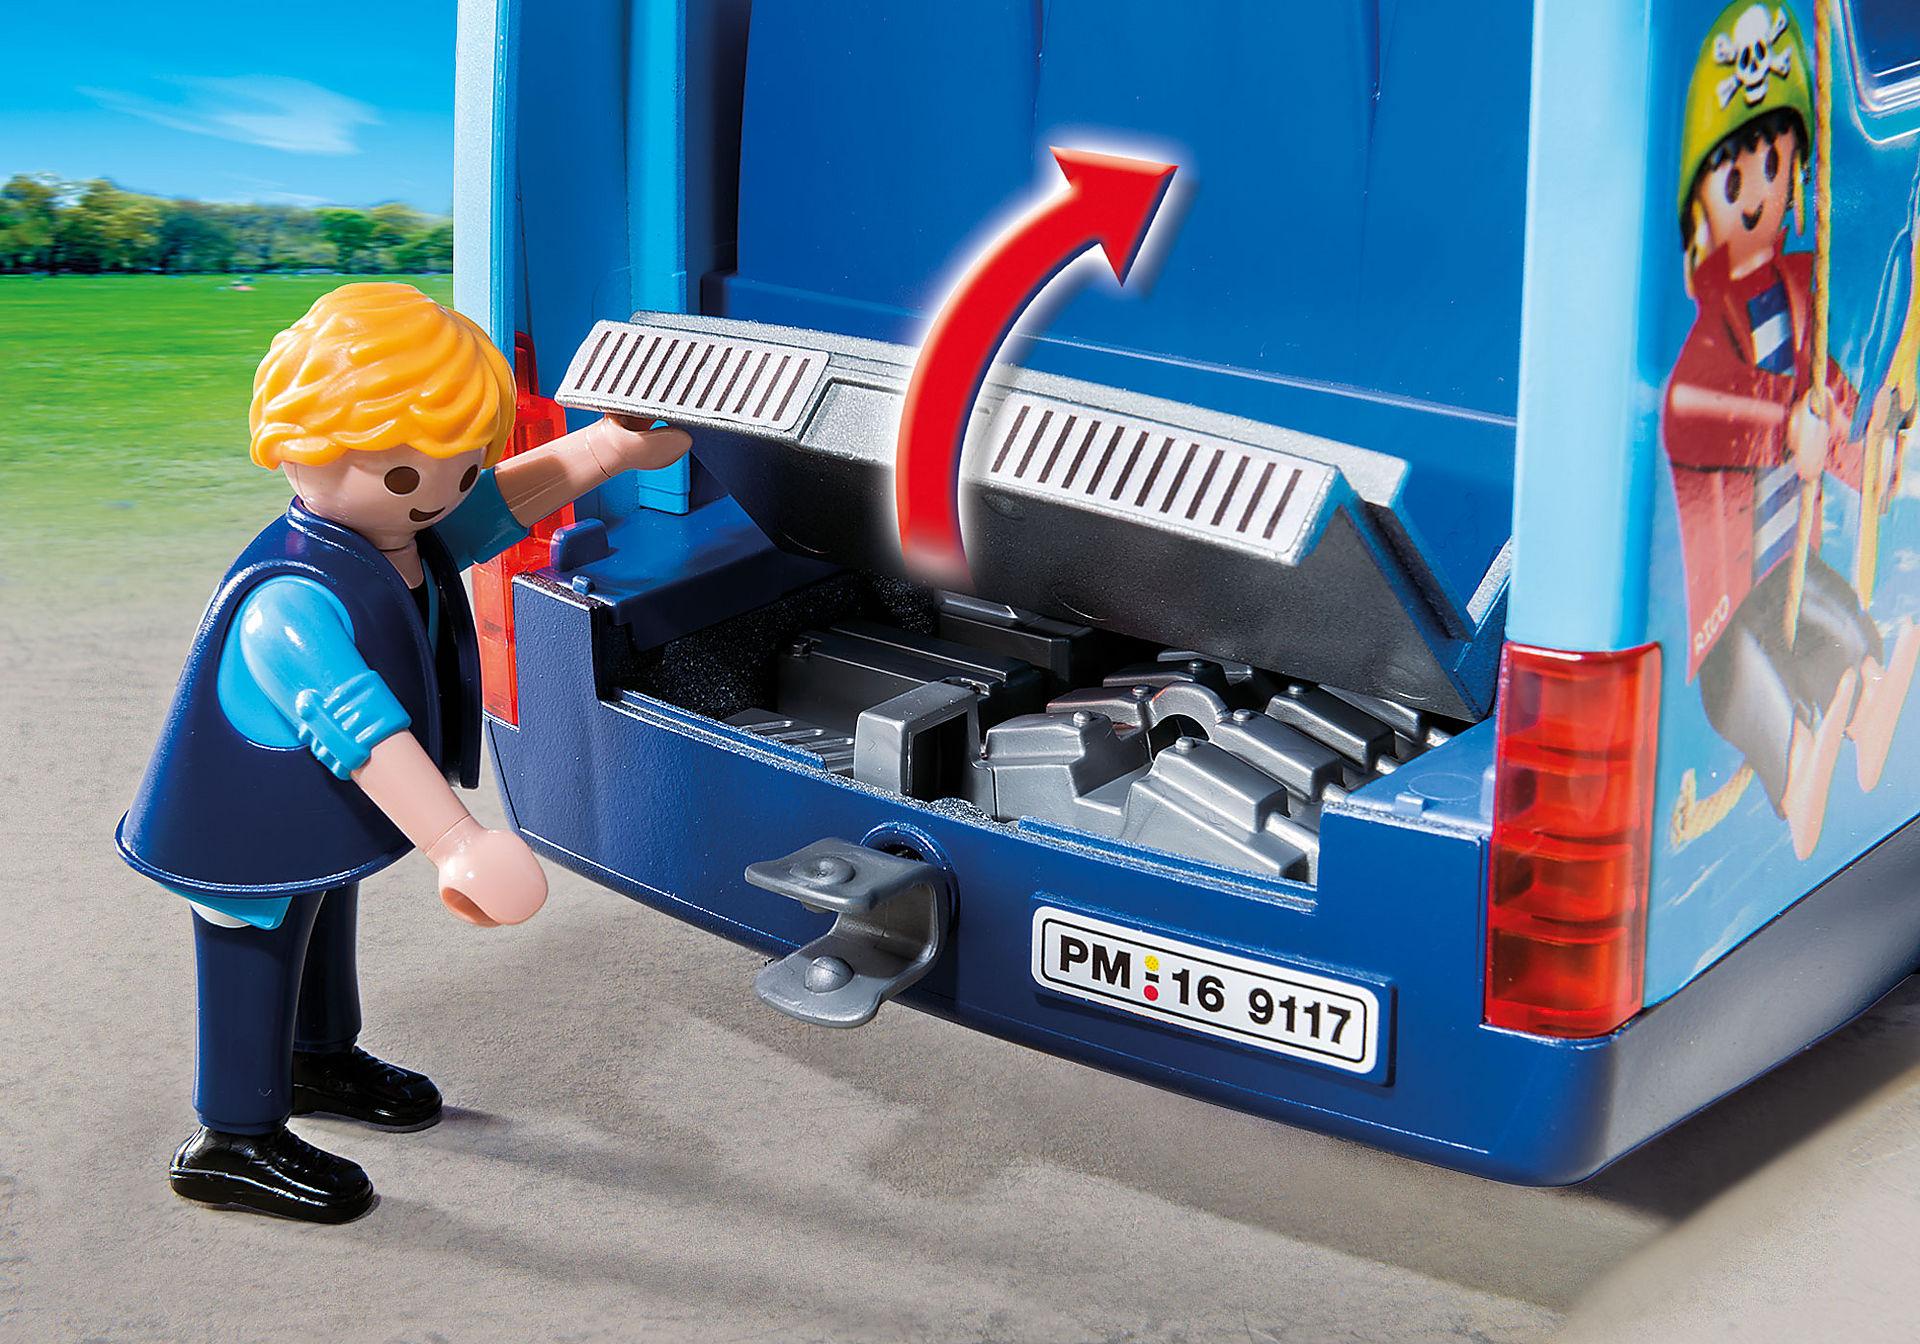 9117 Autobus szkolny FunPark zoom image7